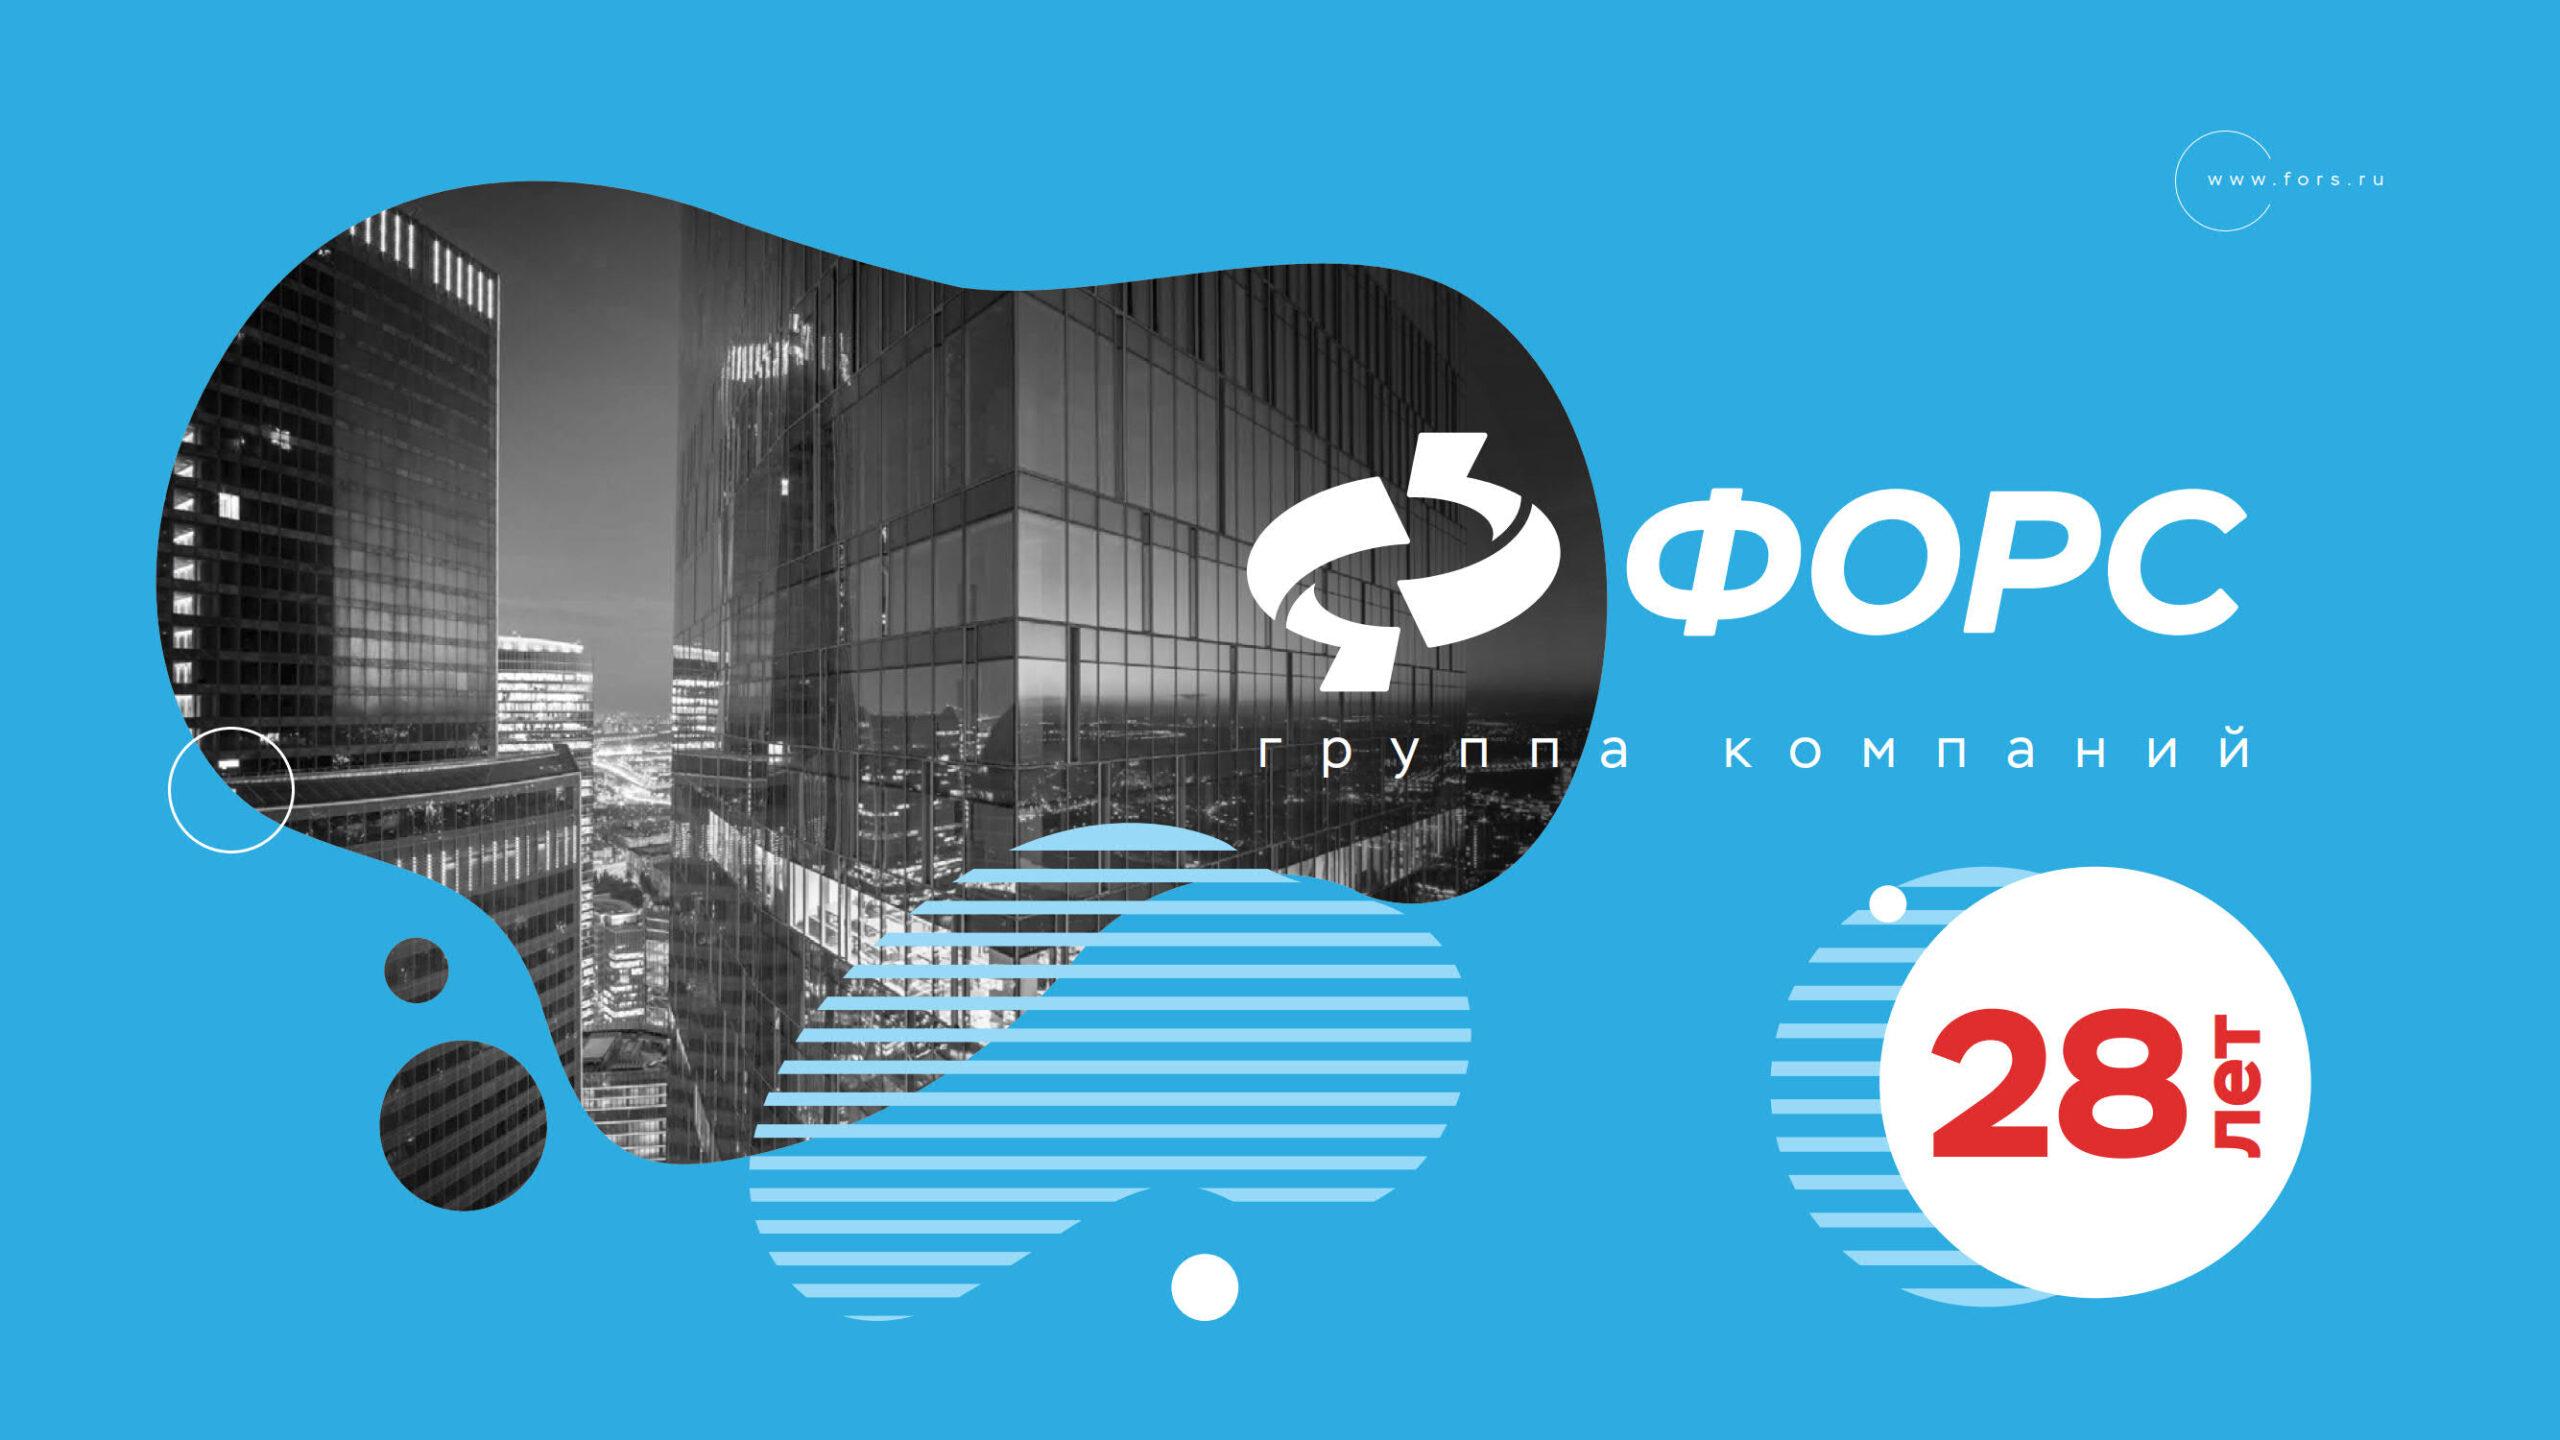 prezentacziya-produktov-dlya-it-infrastruktury-lidirujushhie-pozicii-na-rynke